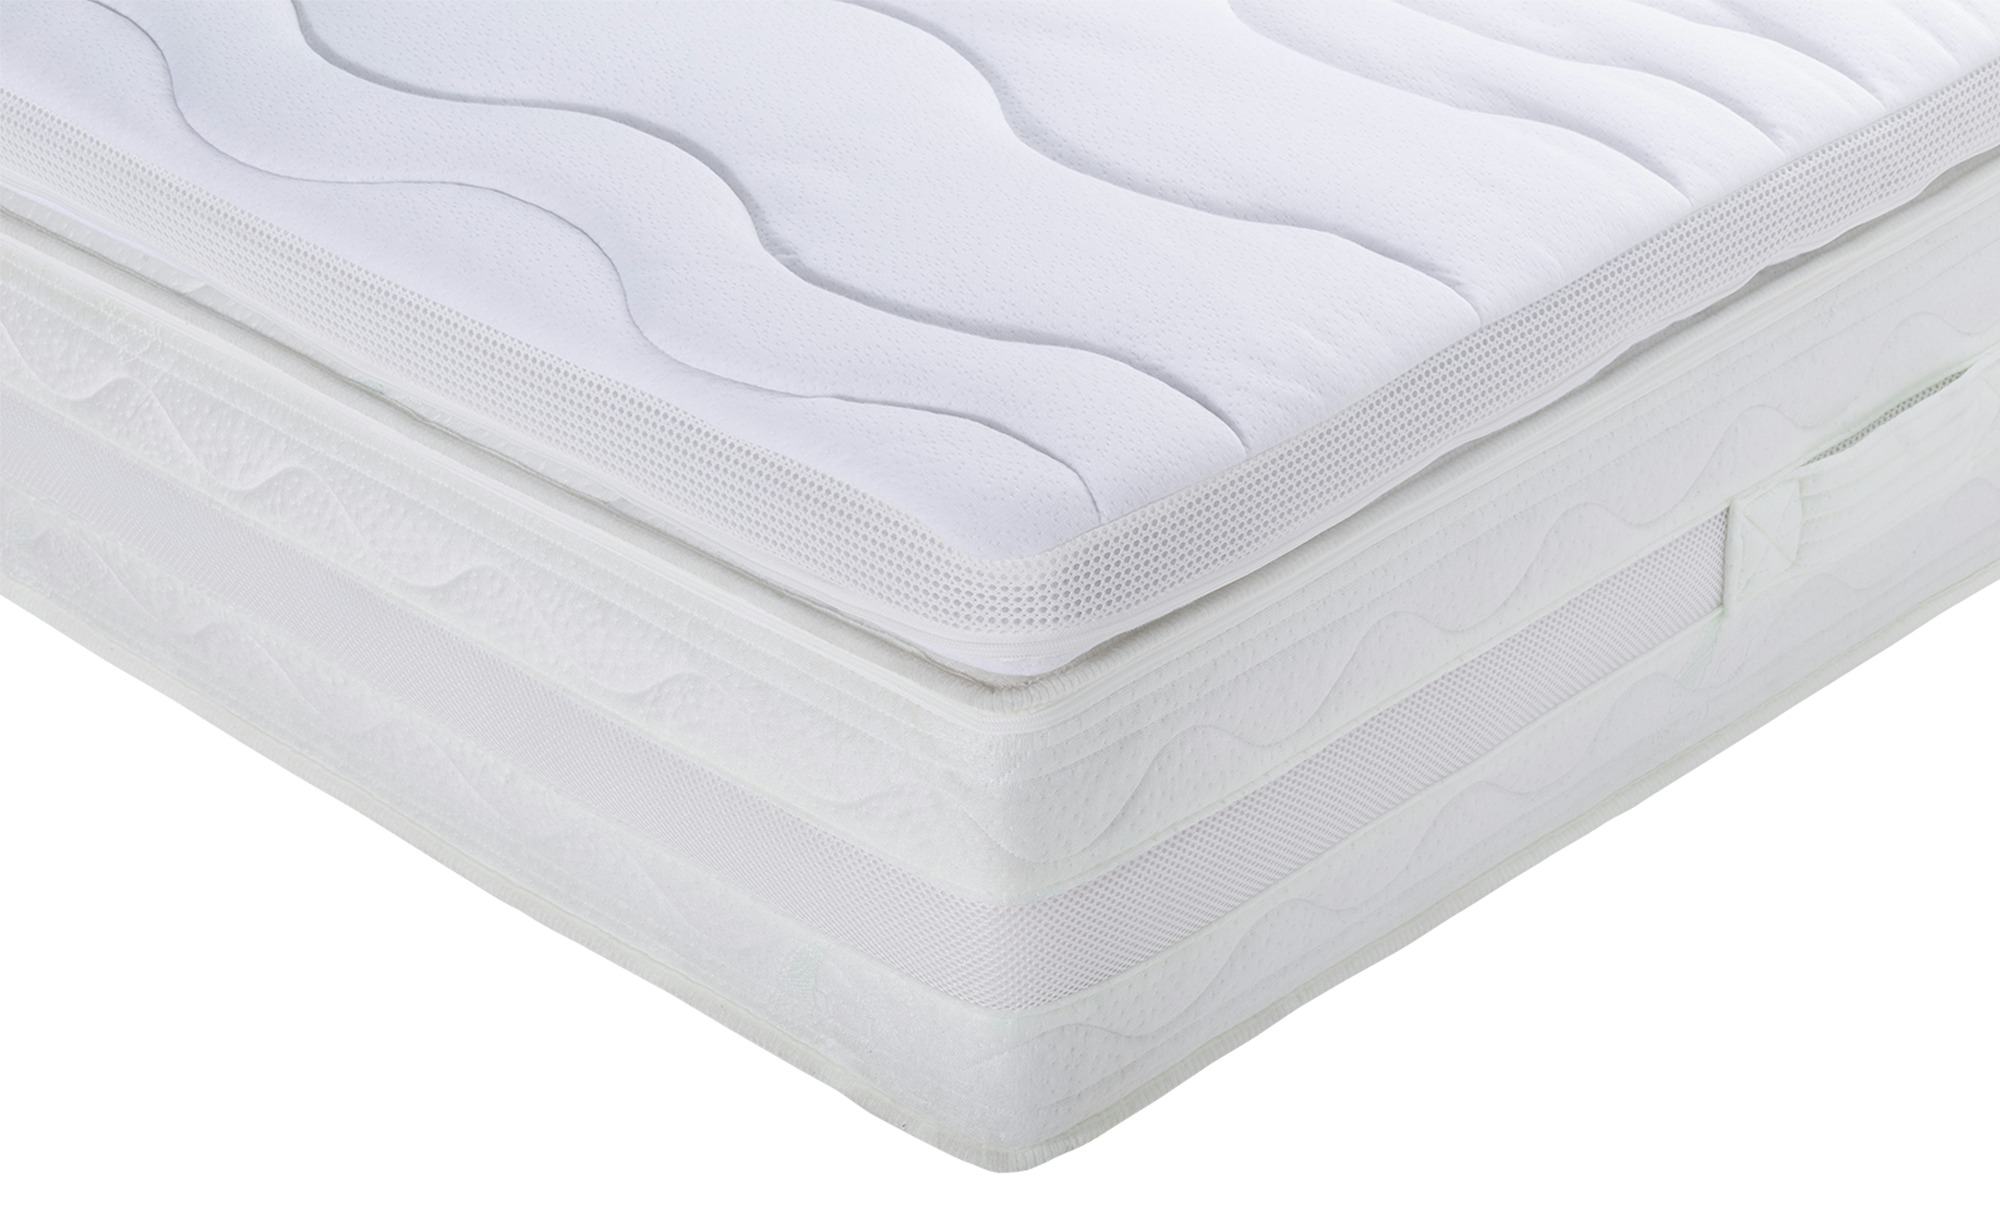 Kaltschaumtopper - weiß - 140 cm - 5 cm - 200 cm - Matratzen & Zubehör > Matratzen-Topper - Möbel Kraft | Schlafzimmer > Matratzen > Unterbetten | Sconto